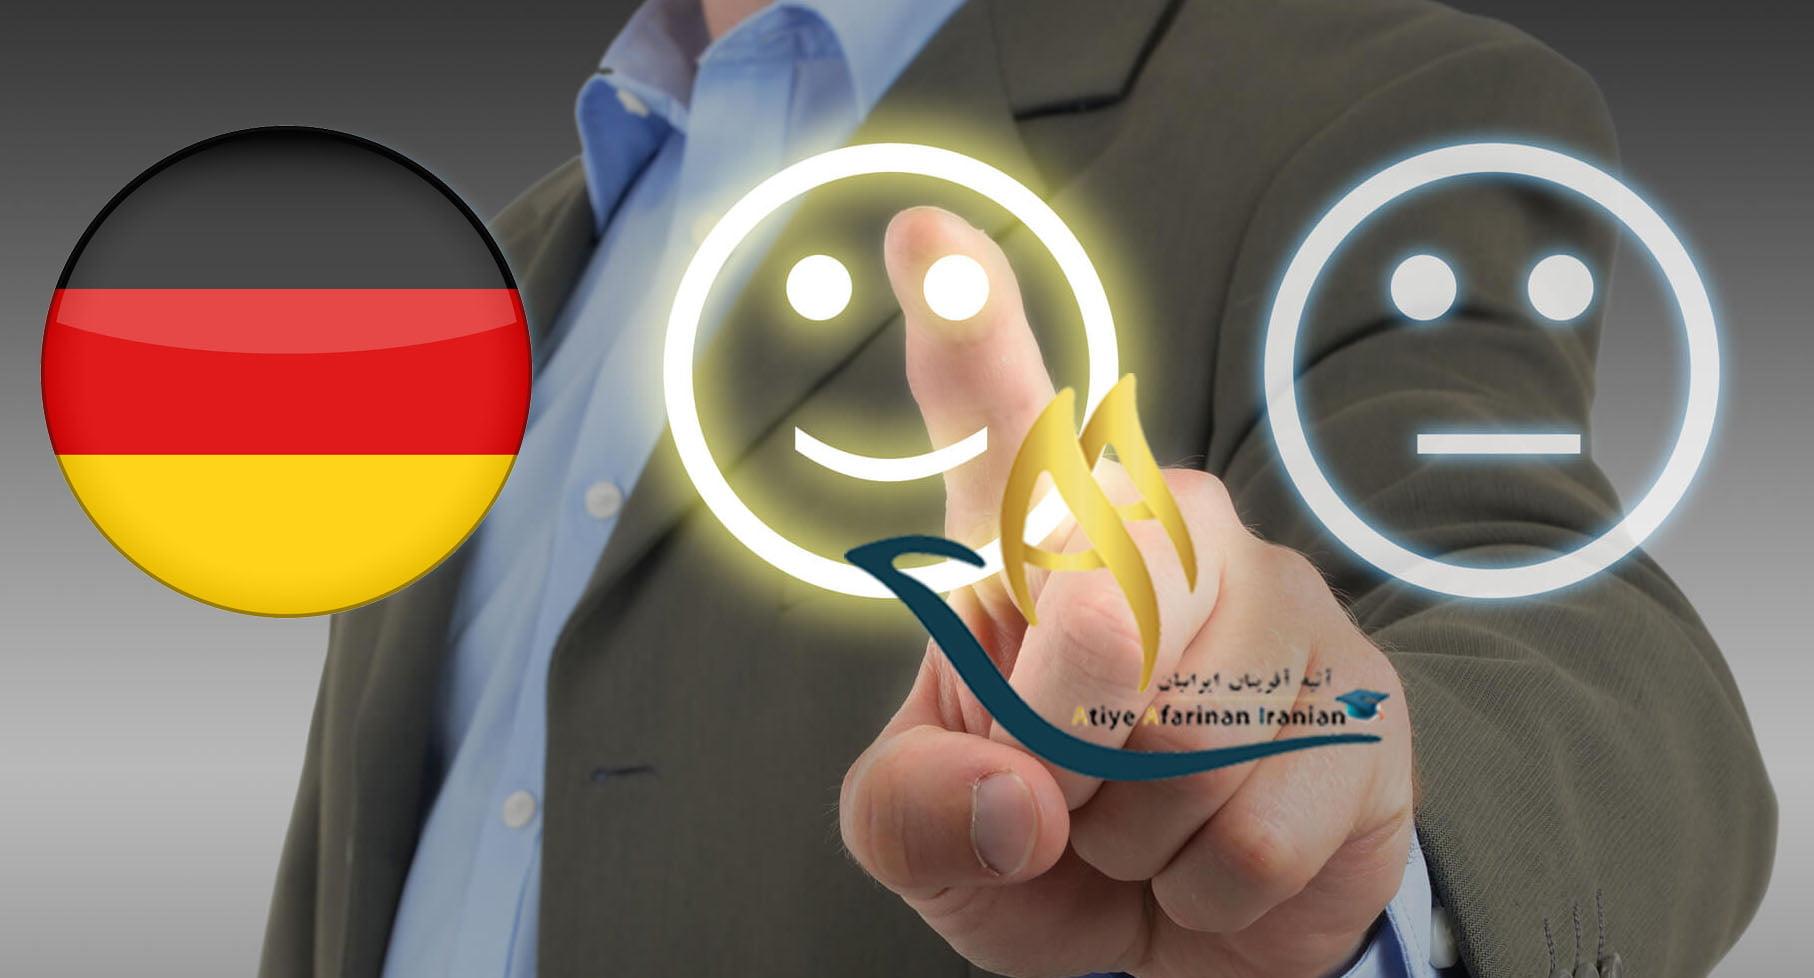 خدمات آفرینان ایرانیان در کشور آلمان